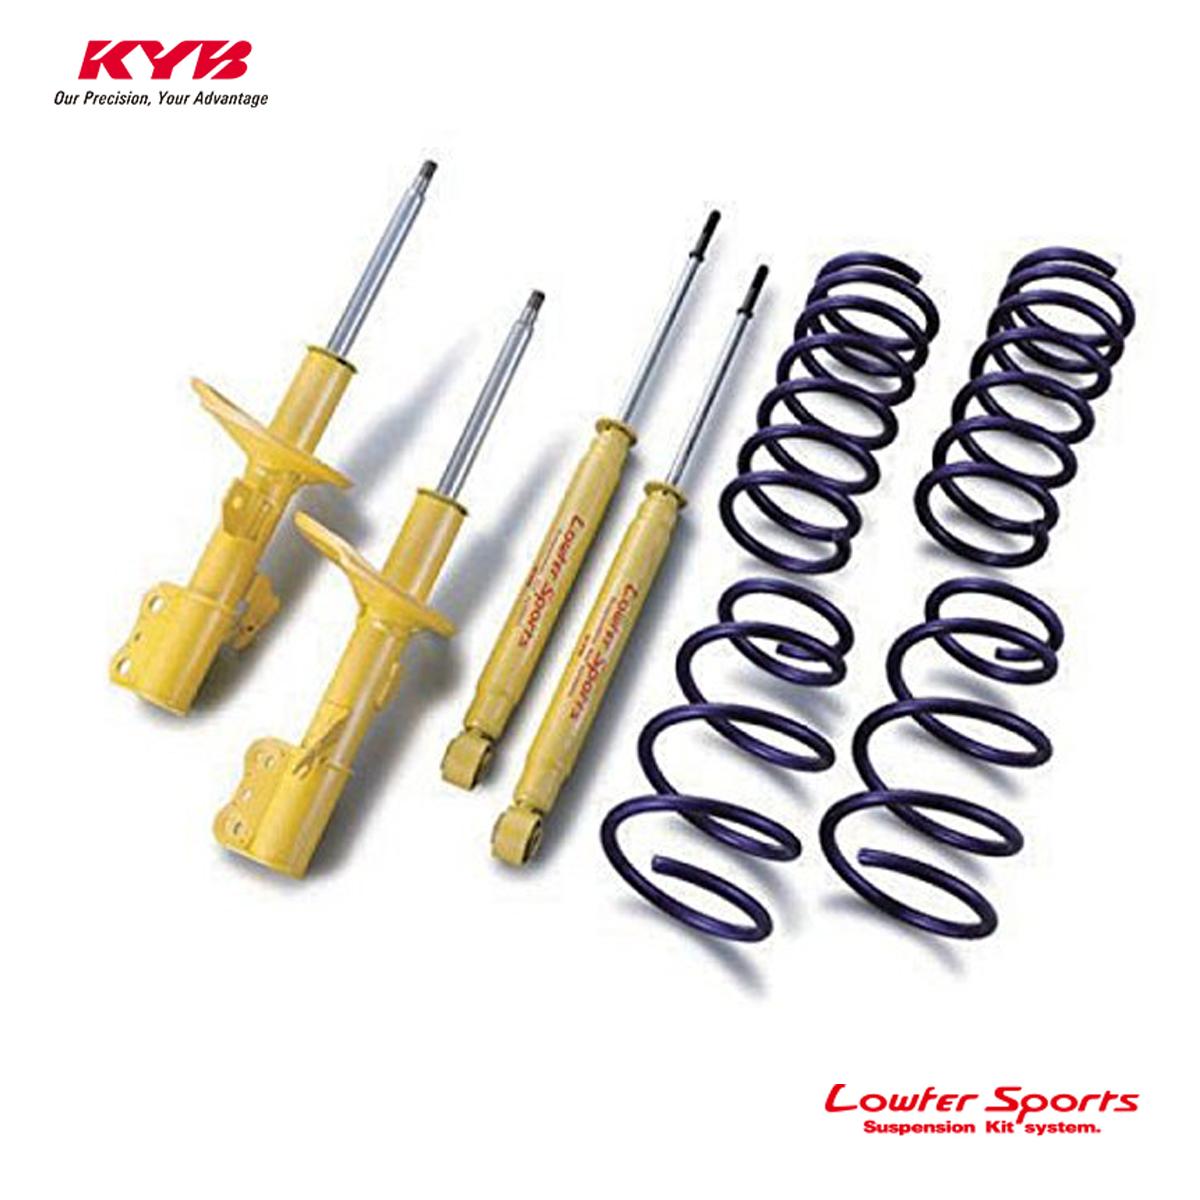 KYB カヤバ MPV LW5W ショックアブソーバー サスペンションキット Lowfer Sports LKIT-LW5W 配送先条件有り